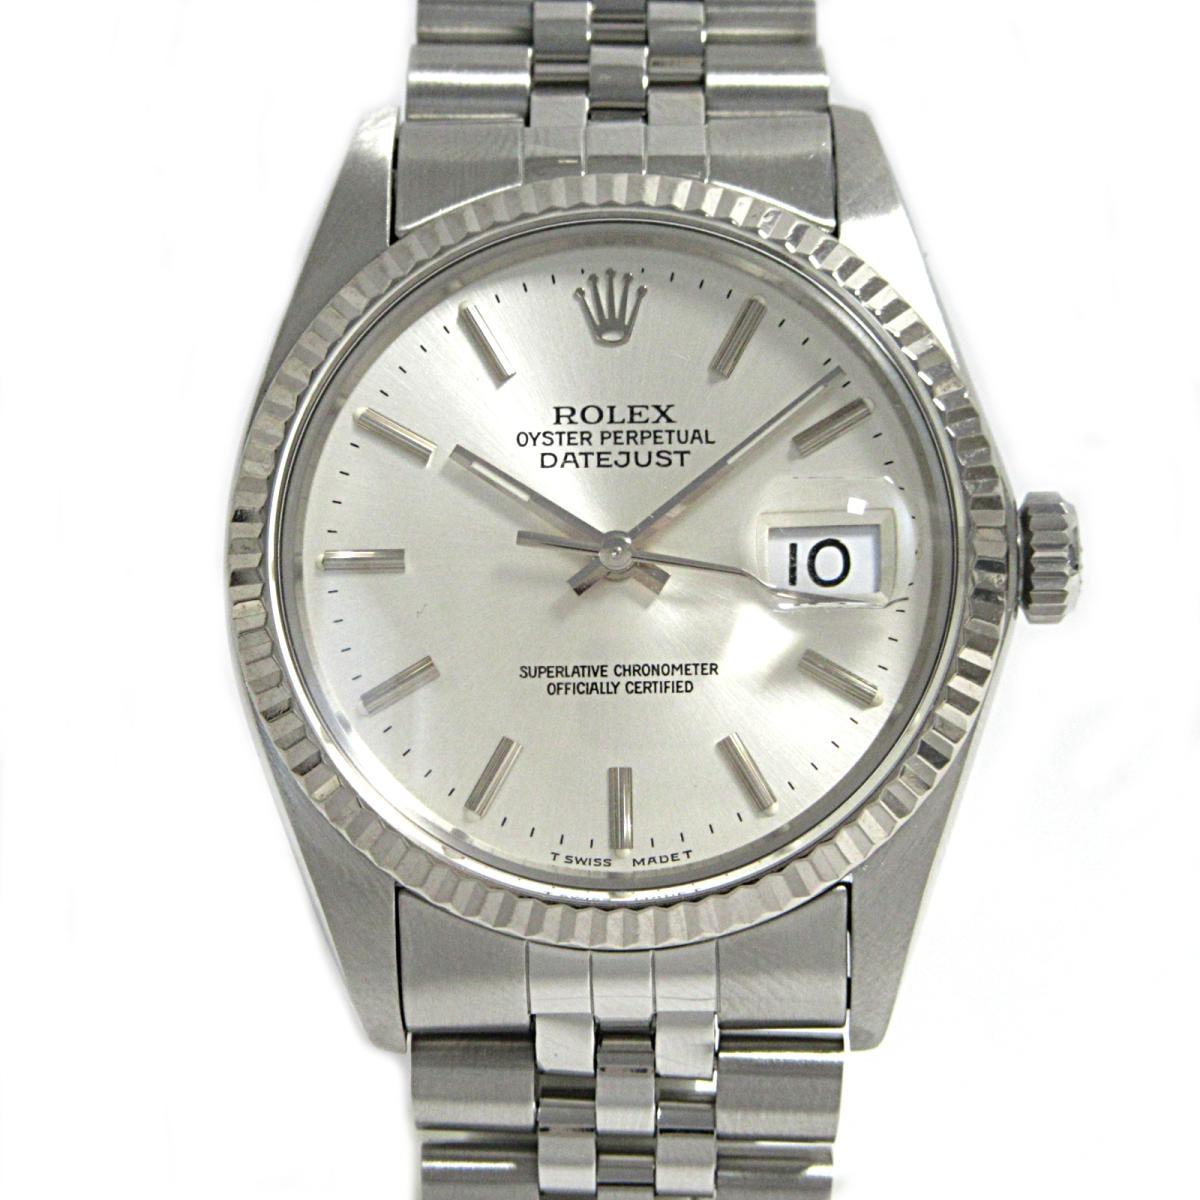 ≪期間限定≫メルマガ登録でクーポンGET! 【中古】 ロレックス デイトジャスト 腕時計 ウォッチ メンズ ステンレススチール (SS) × K18WG (750) ホワイトゴールド (16014) | ROLEX BRANDOFF ブランドオフ ブランド ブランド時計 ブランド腕時計 時計